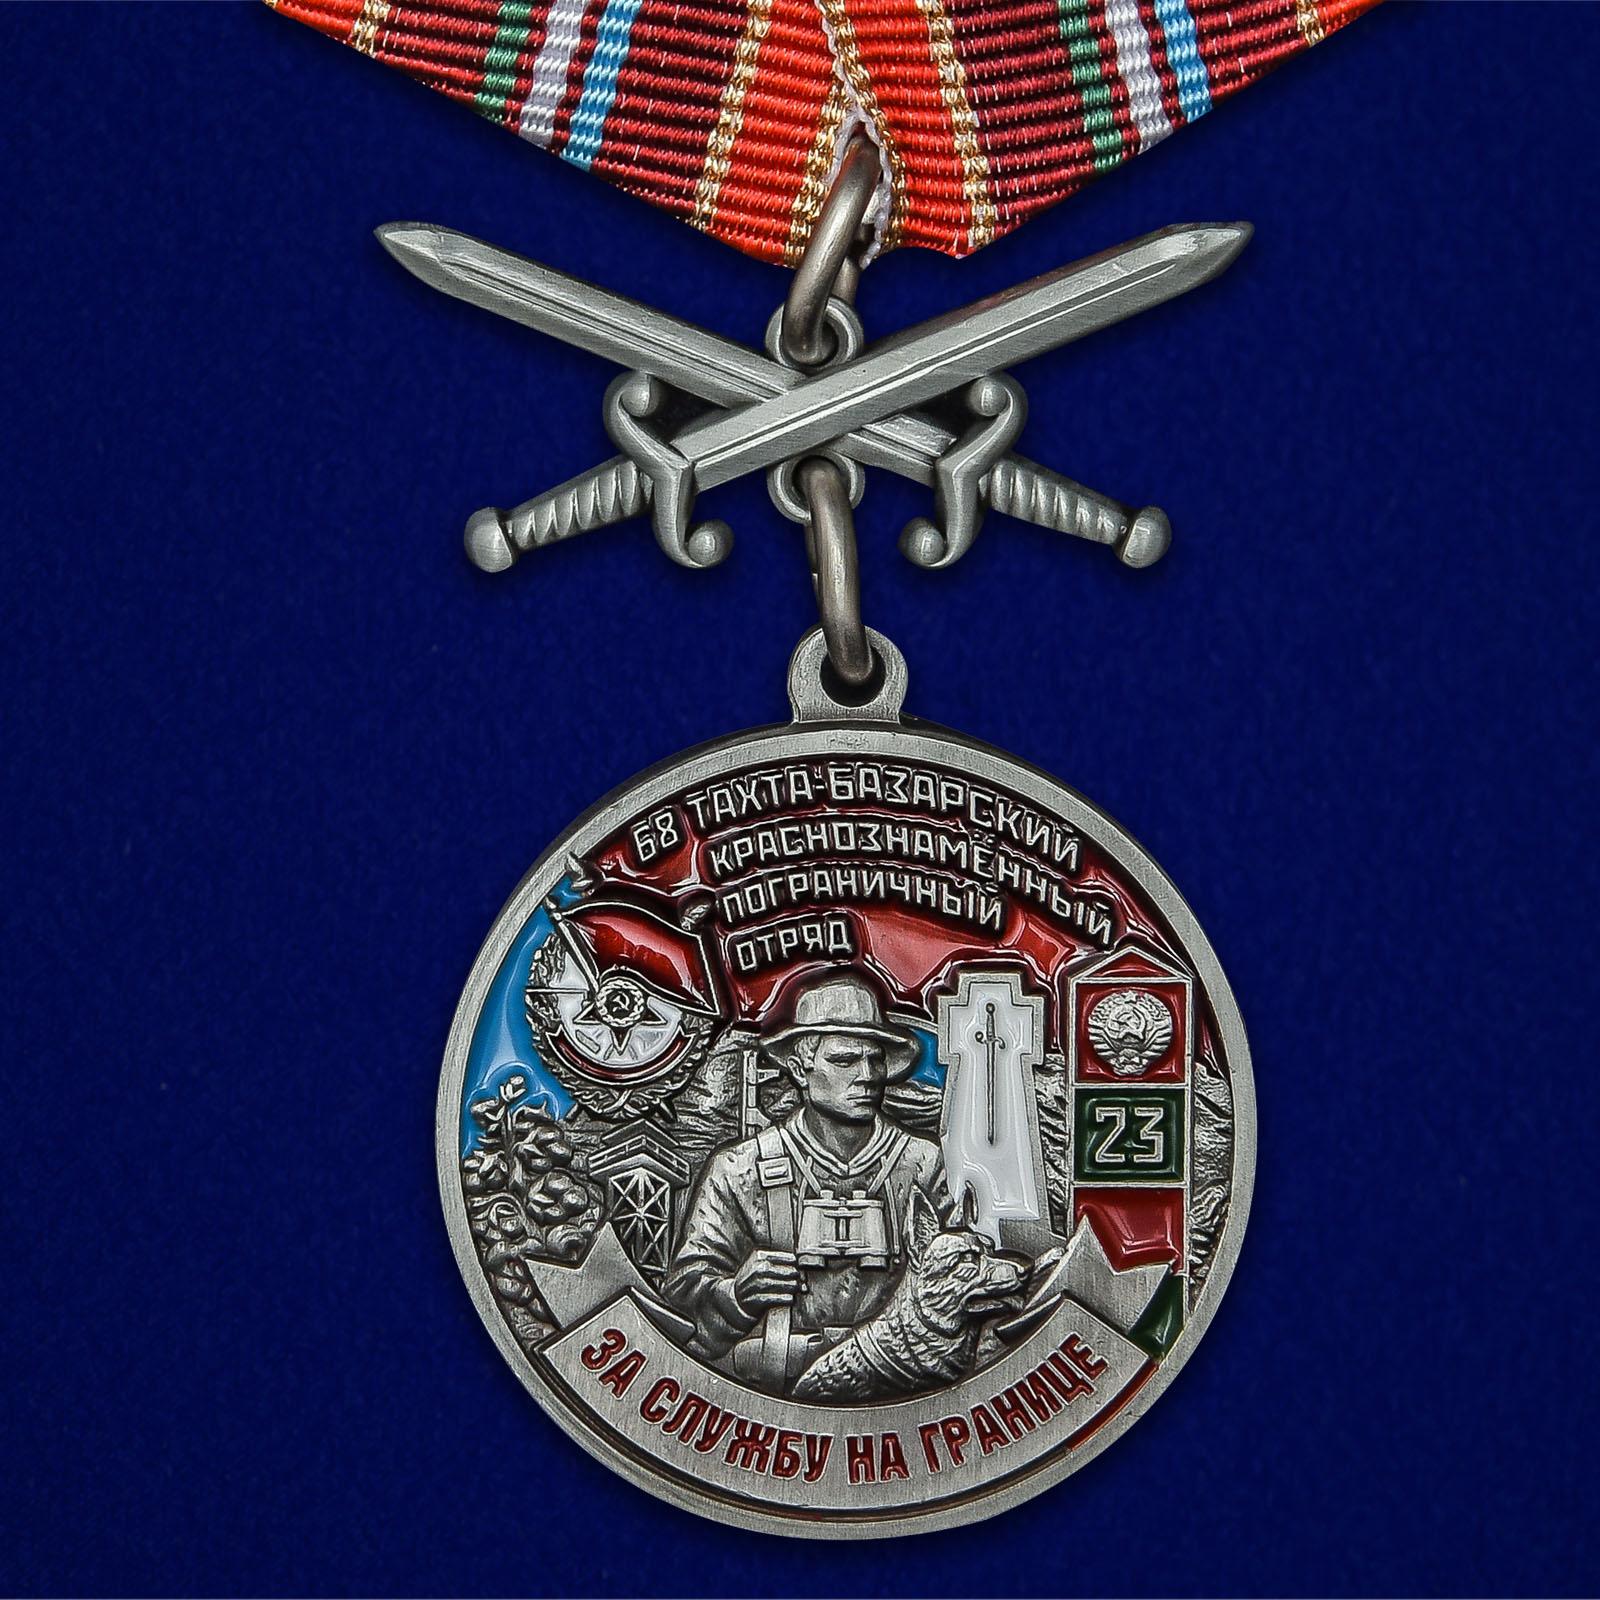 """Медаль """"За службу в Тахта-Базарском пограничном отряде"""""""